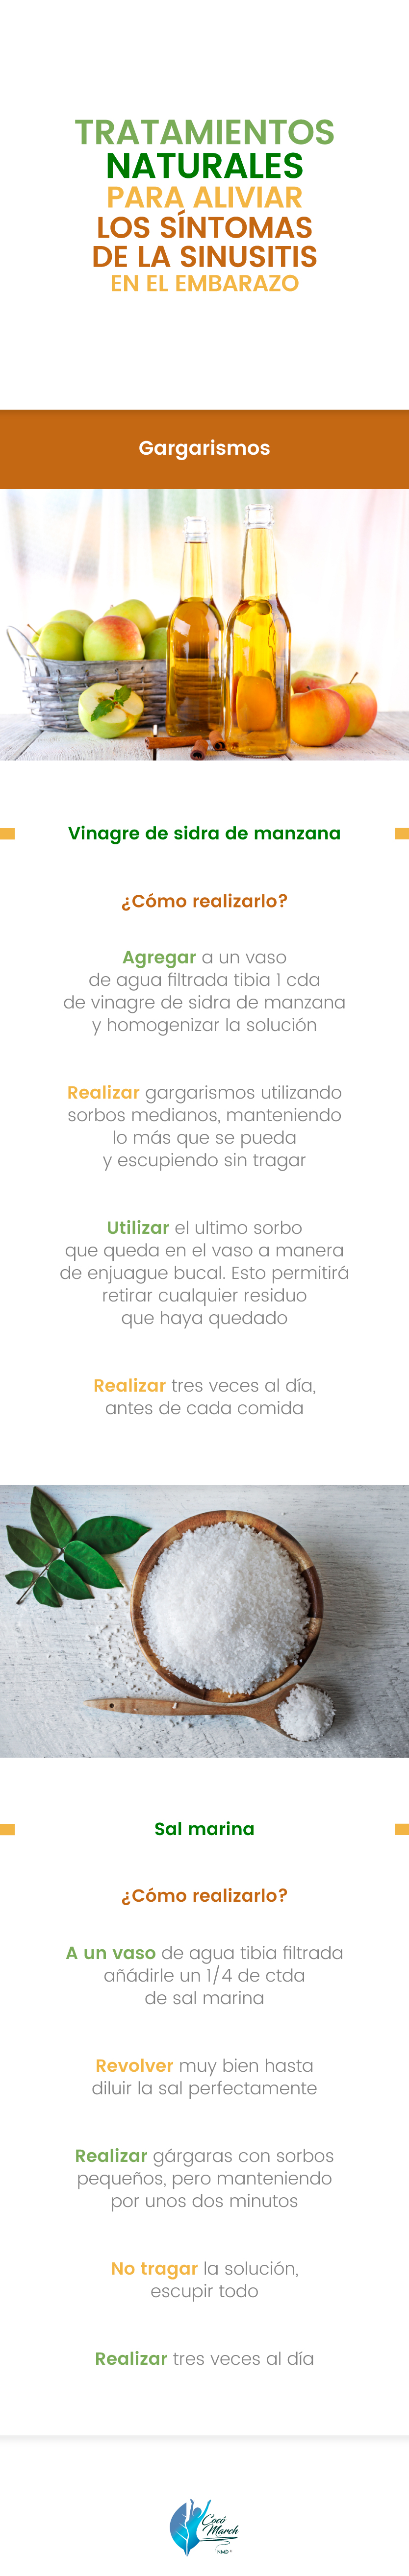 tratamientos-naturales-para-la-sinusitis-en-el-embarazo